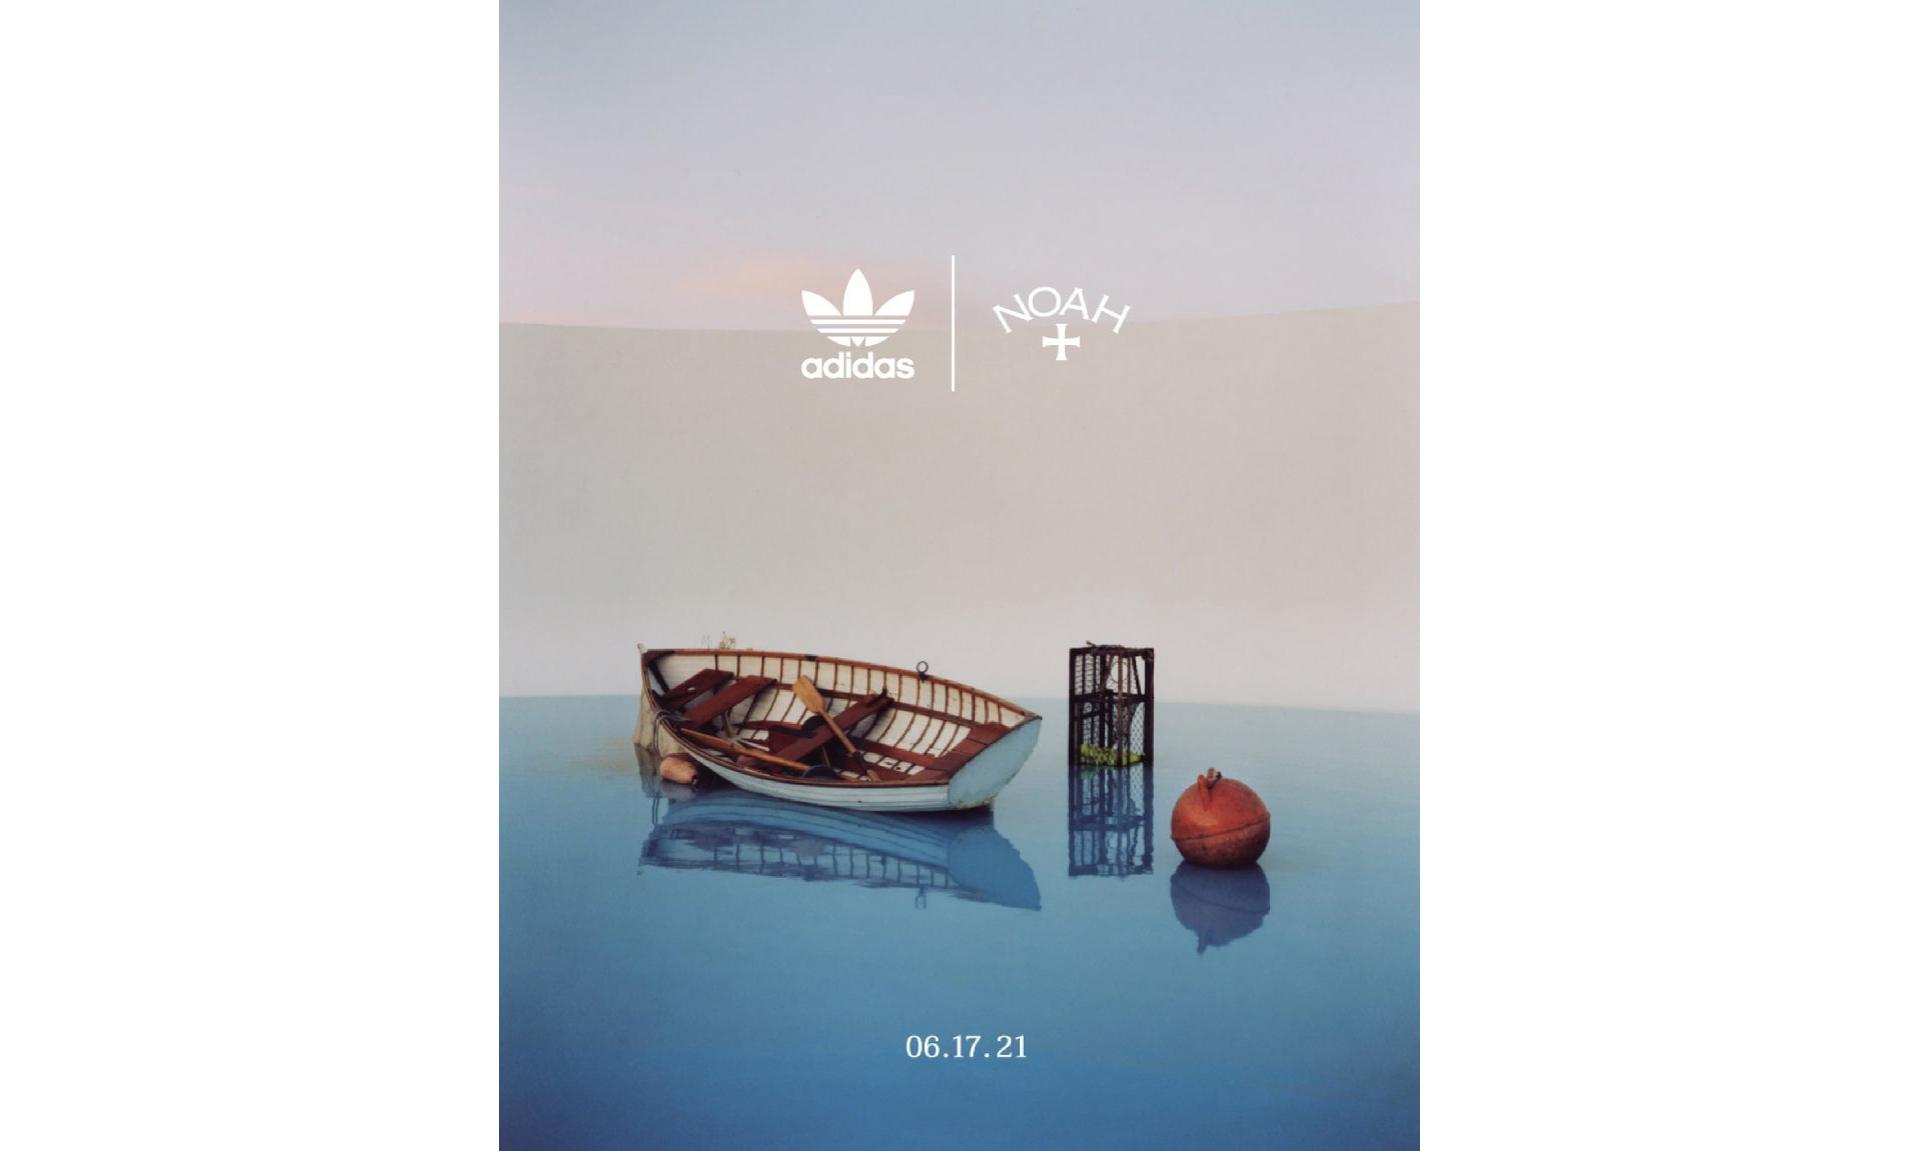 NOAH x adidas Originals 全新联名预告释出